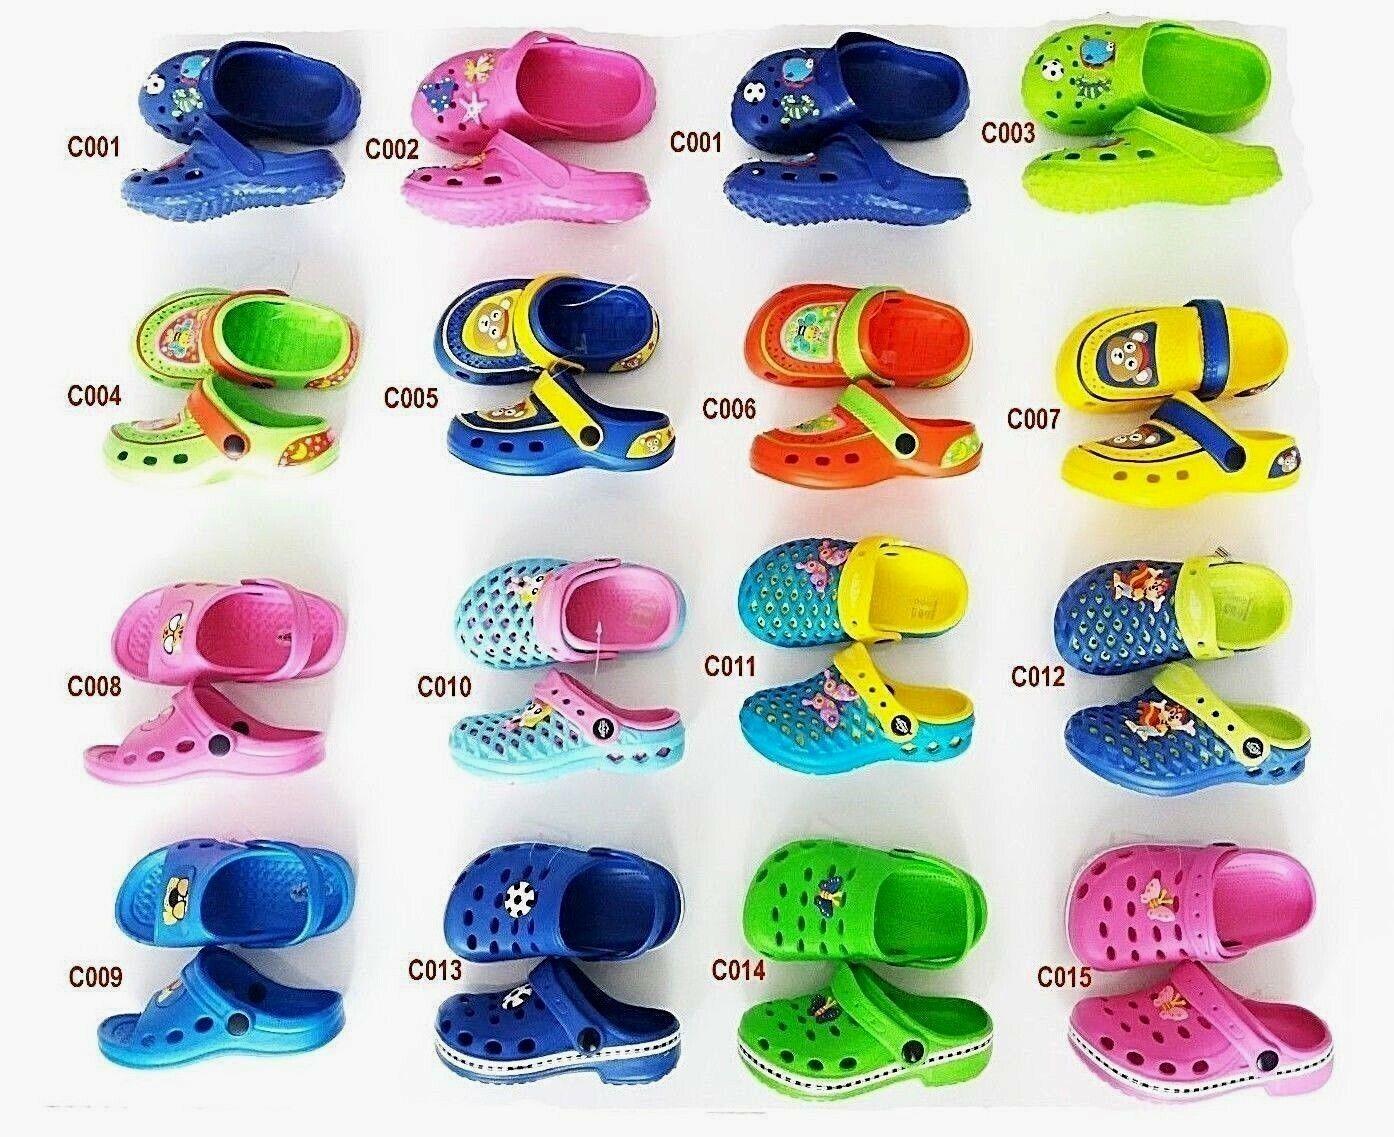 Kinder Clogs Schuhe Hausschuhe Badeschuhe Gartenschuhe Sandalen GR 20-35